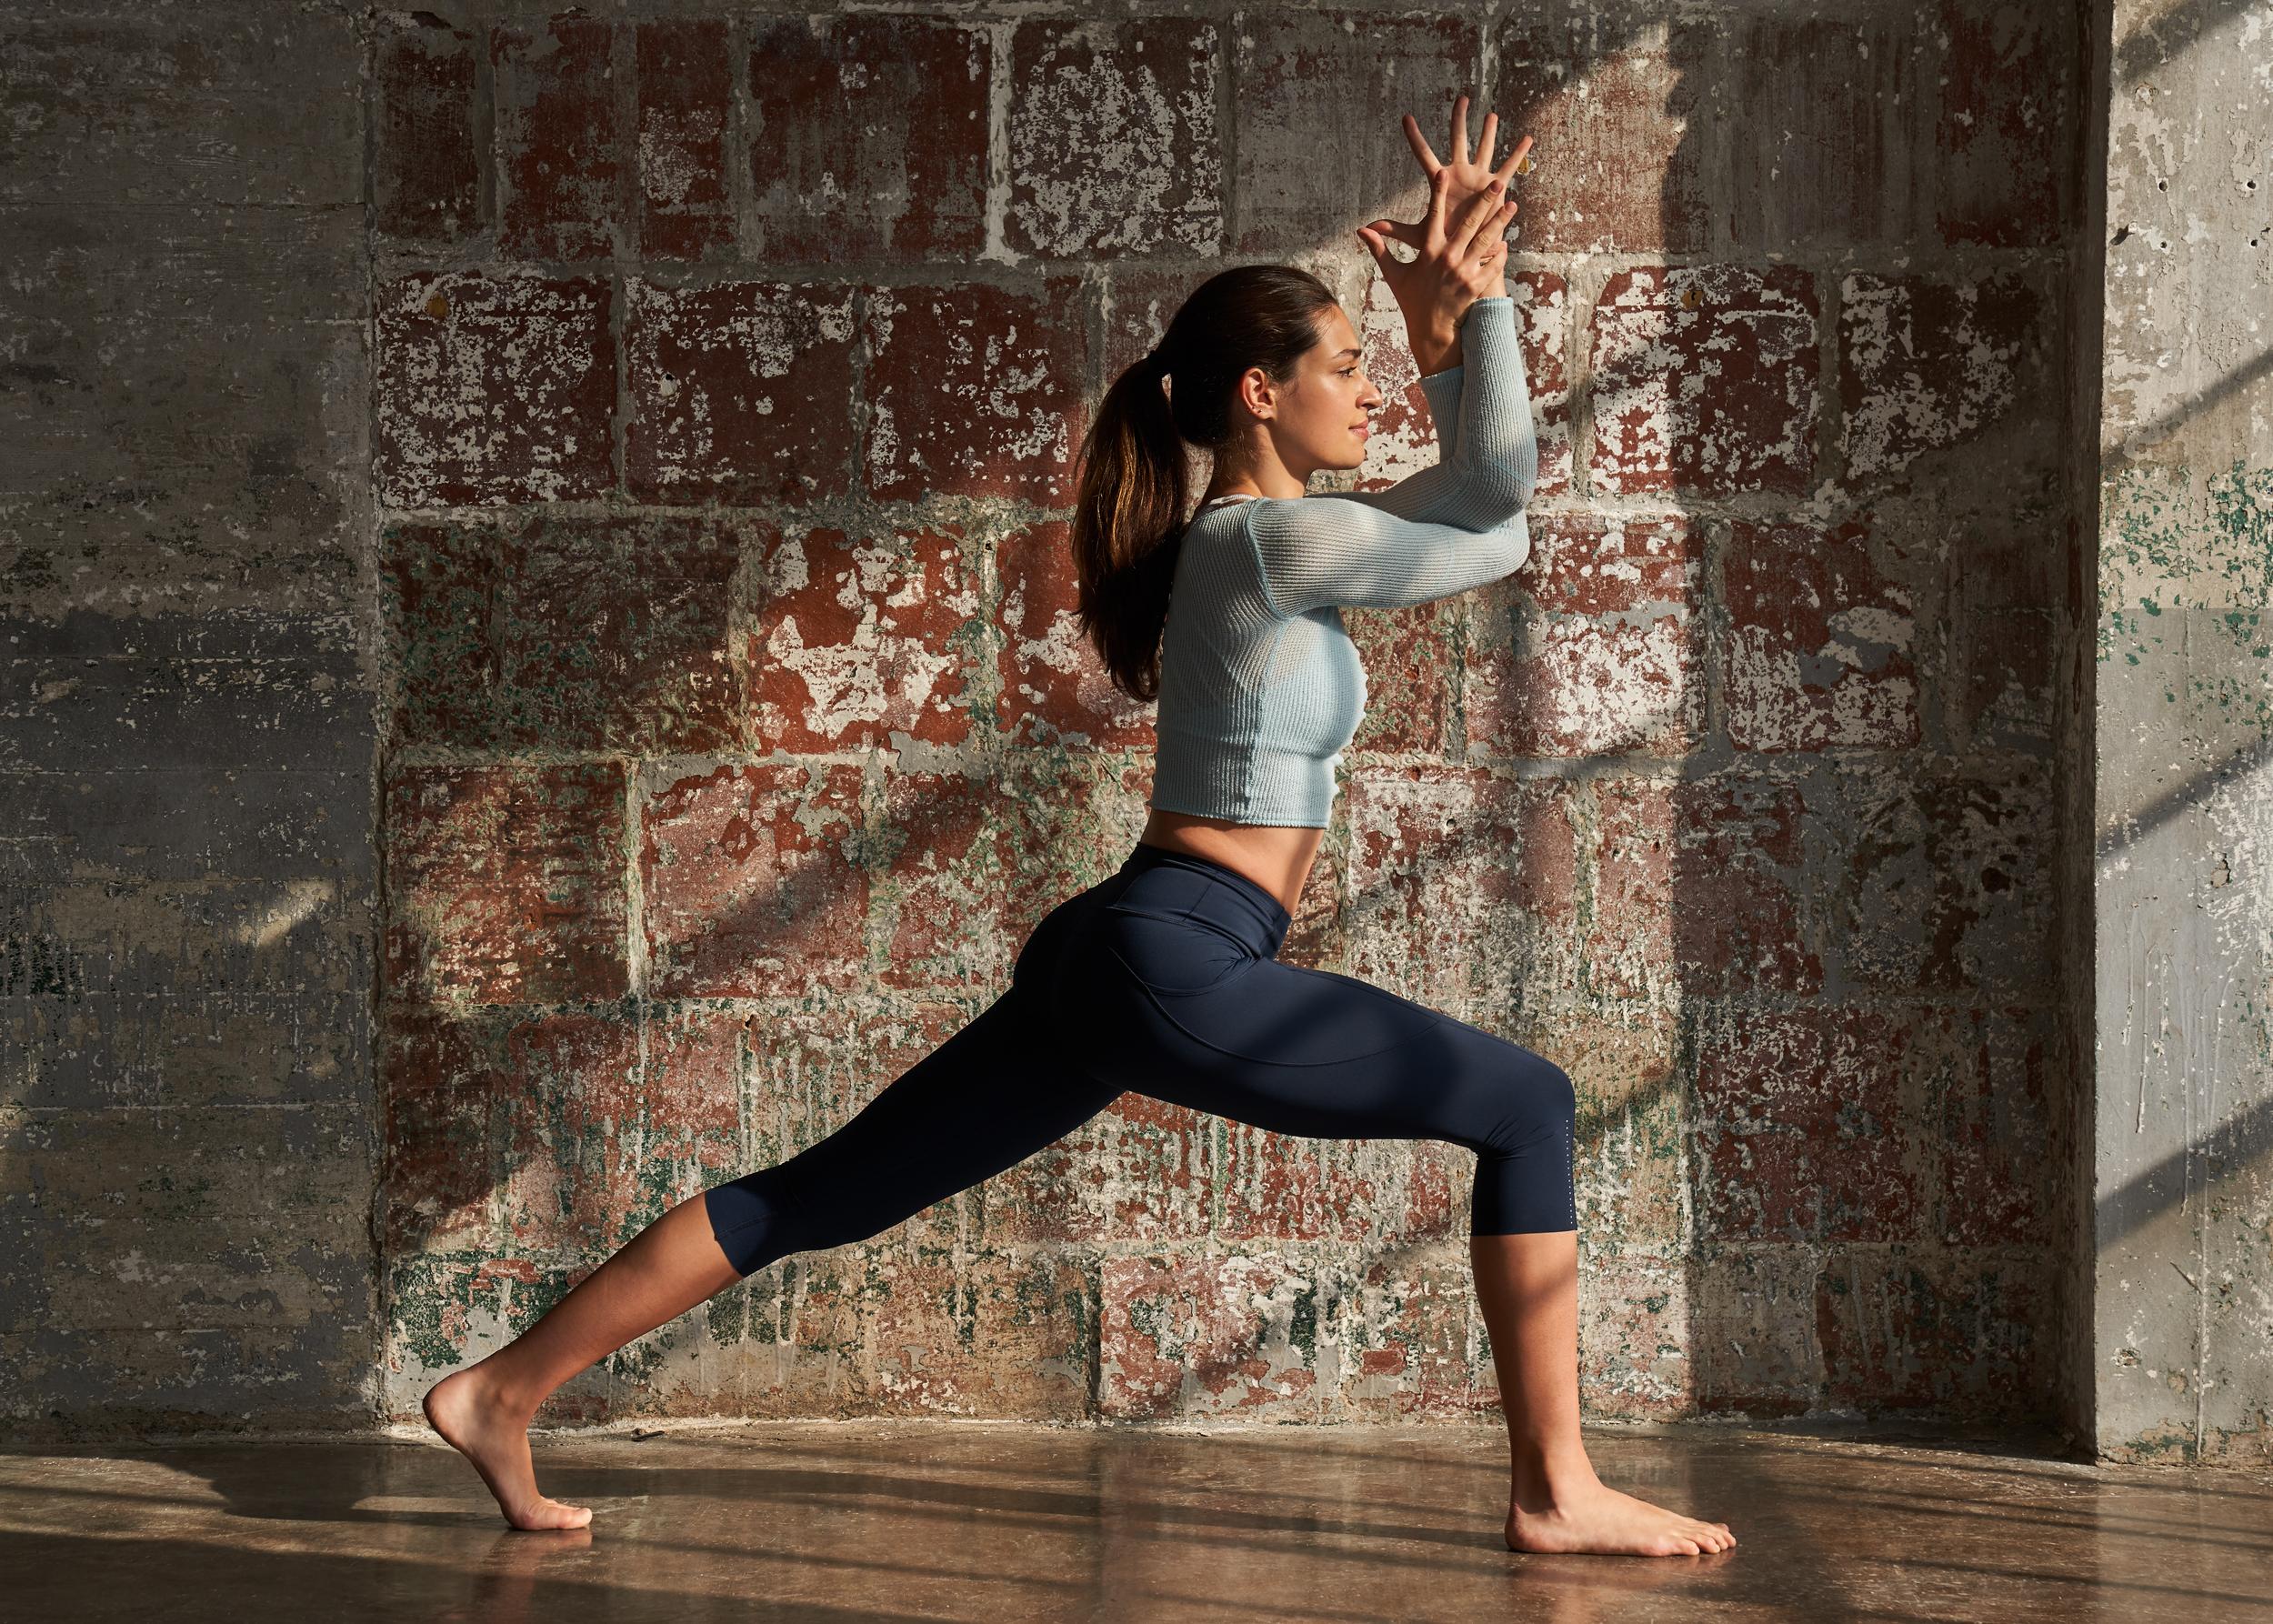 190205_TomLew_Laura_yoga_0396.jpg